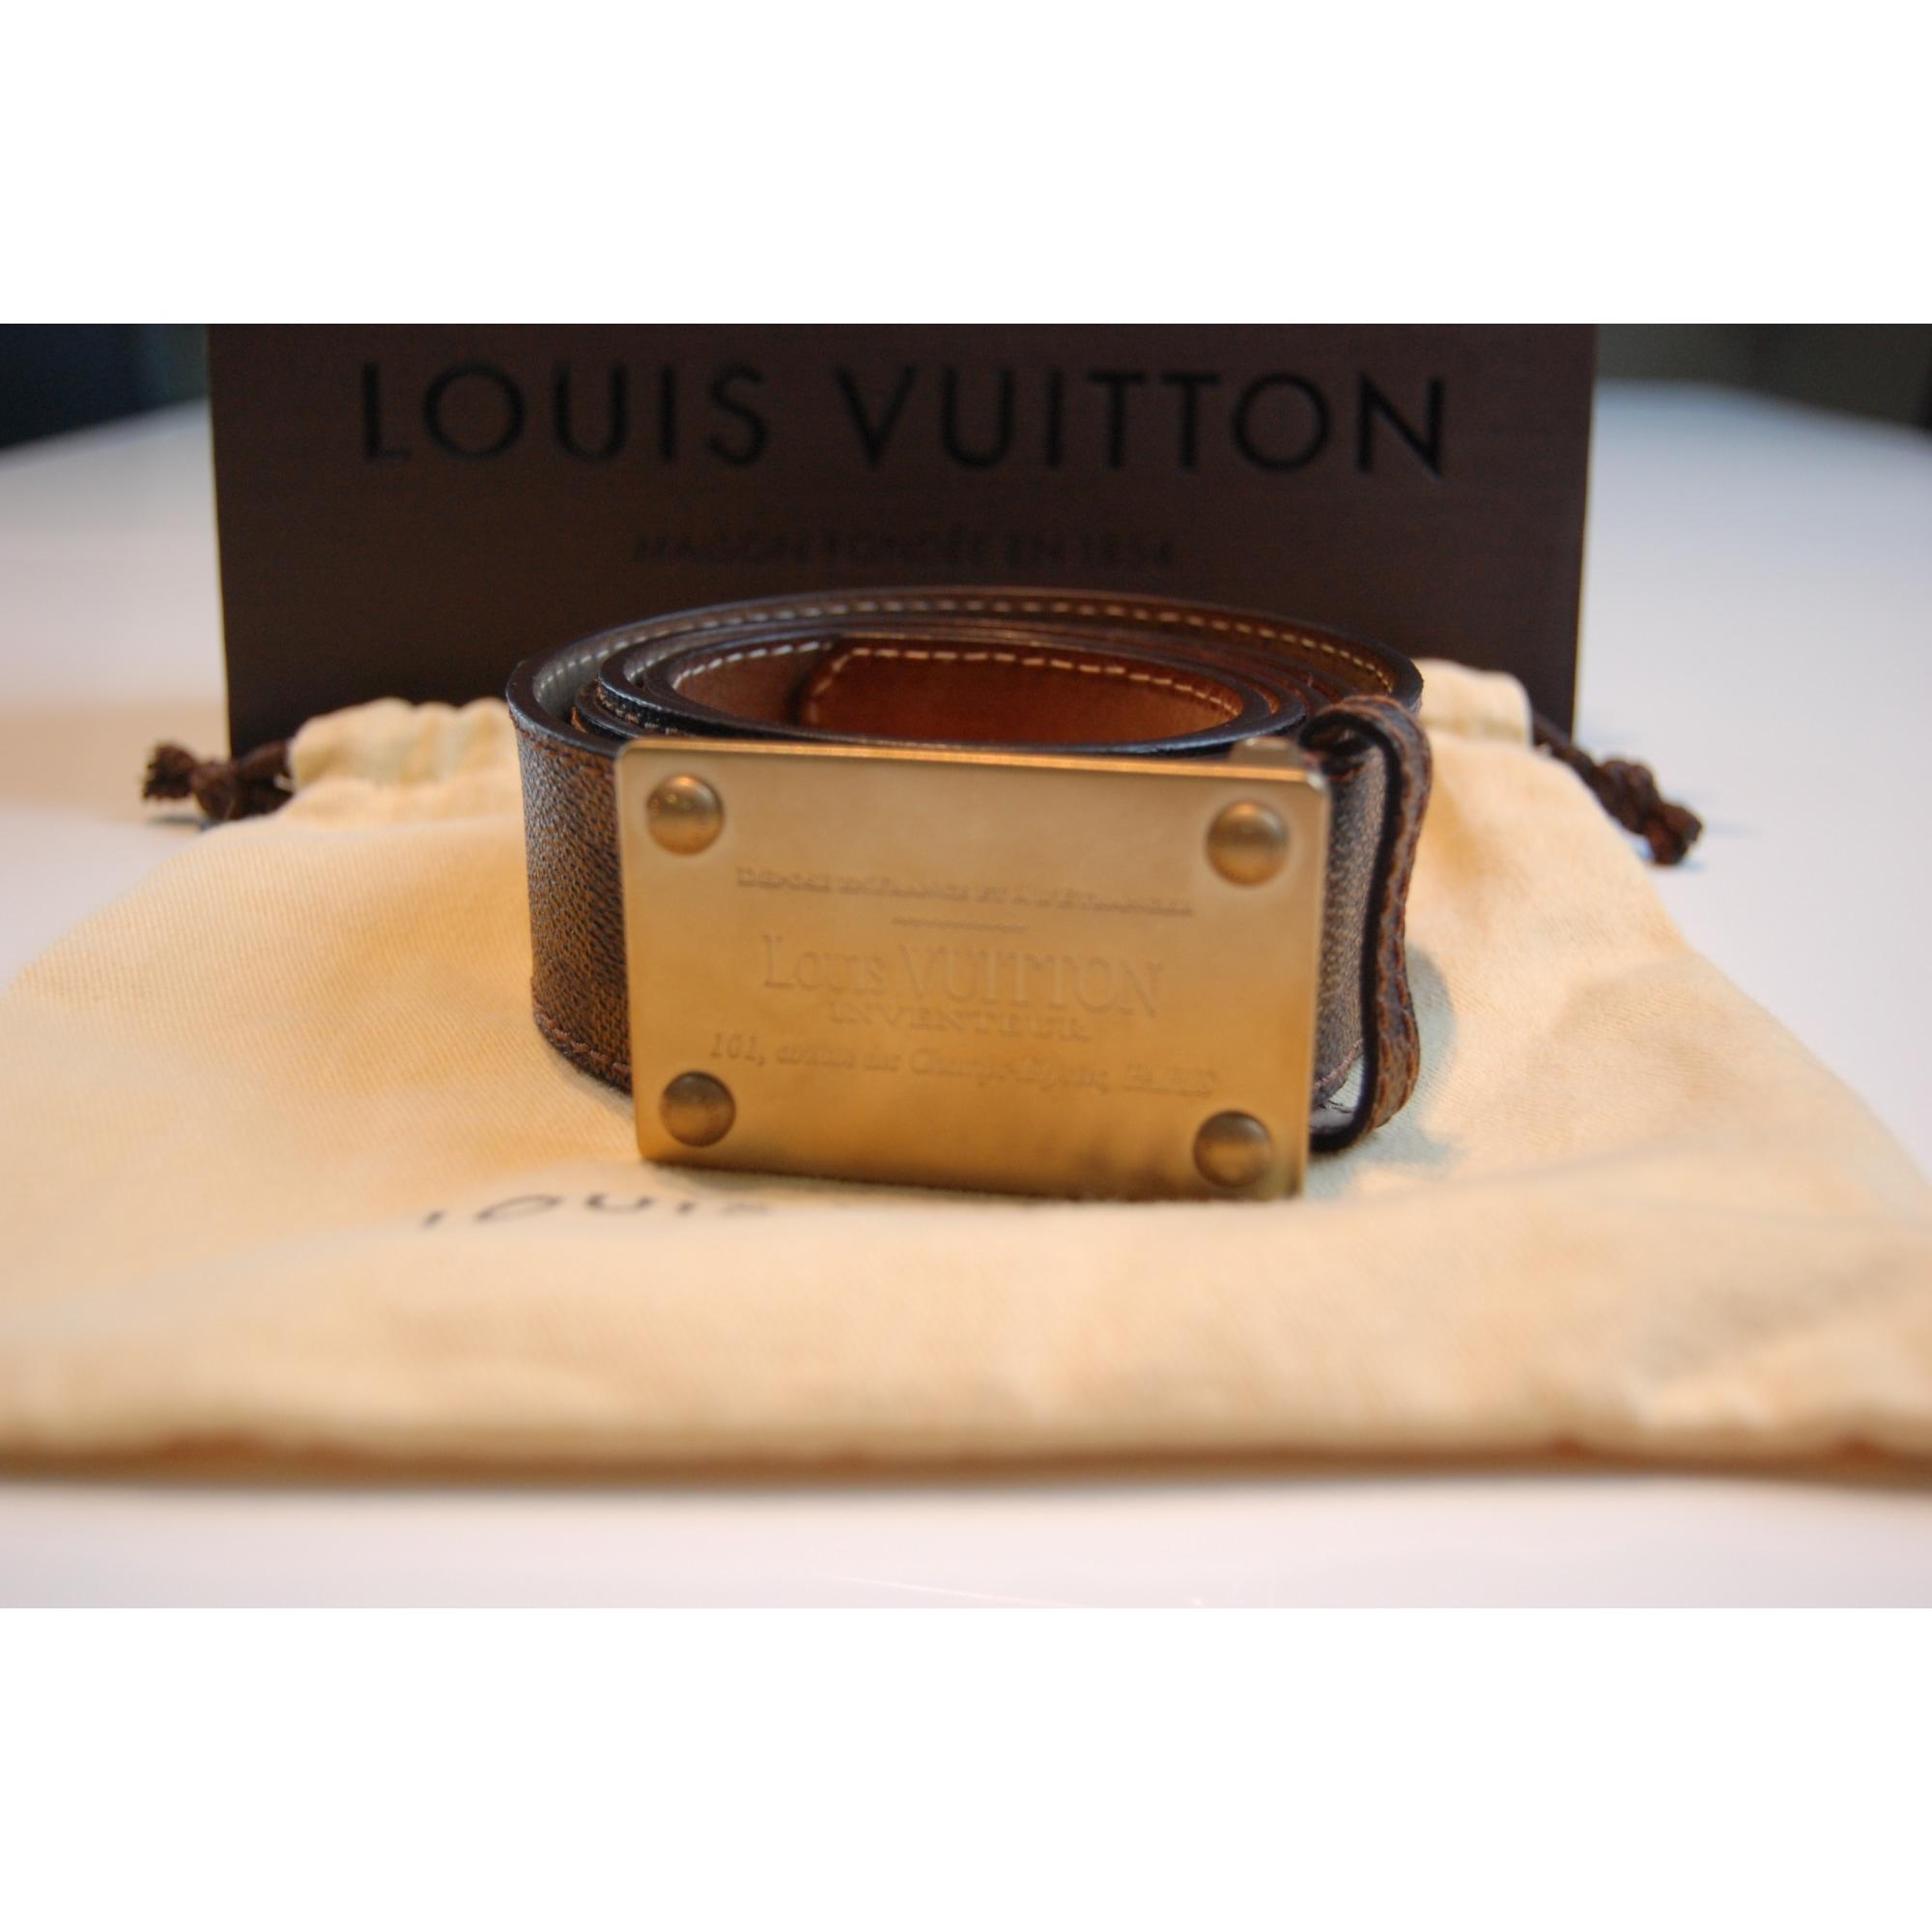 Ceinture LOUIS VUITTON 110 damier brun vendu par Dany87 - 3083271 fcd43dd09d8